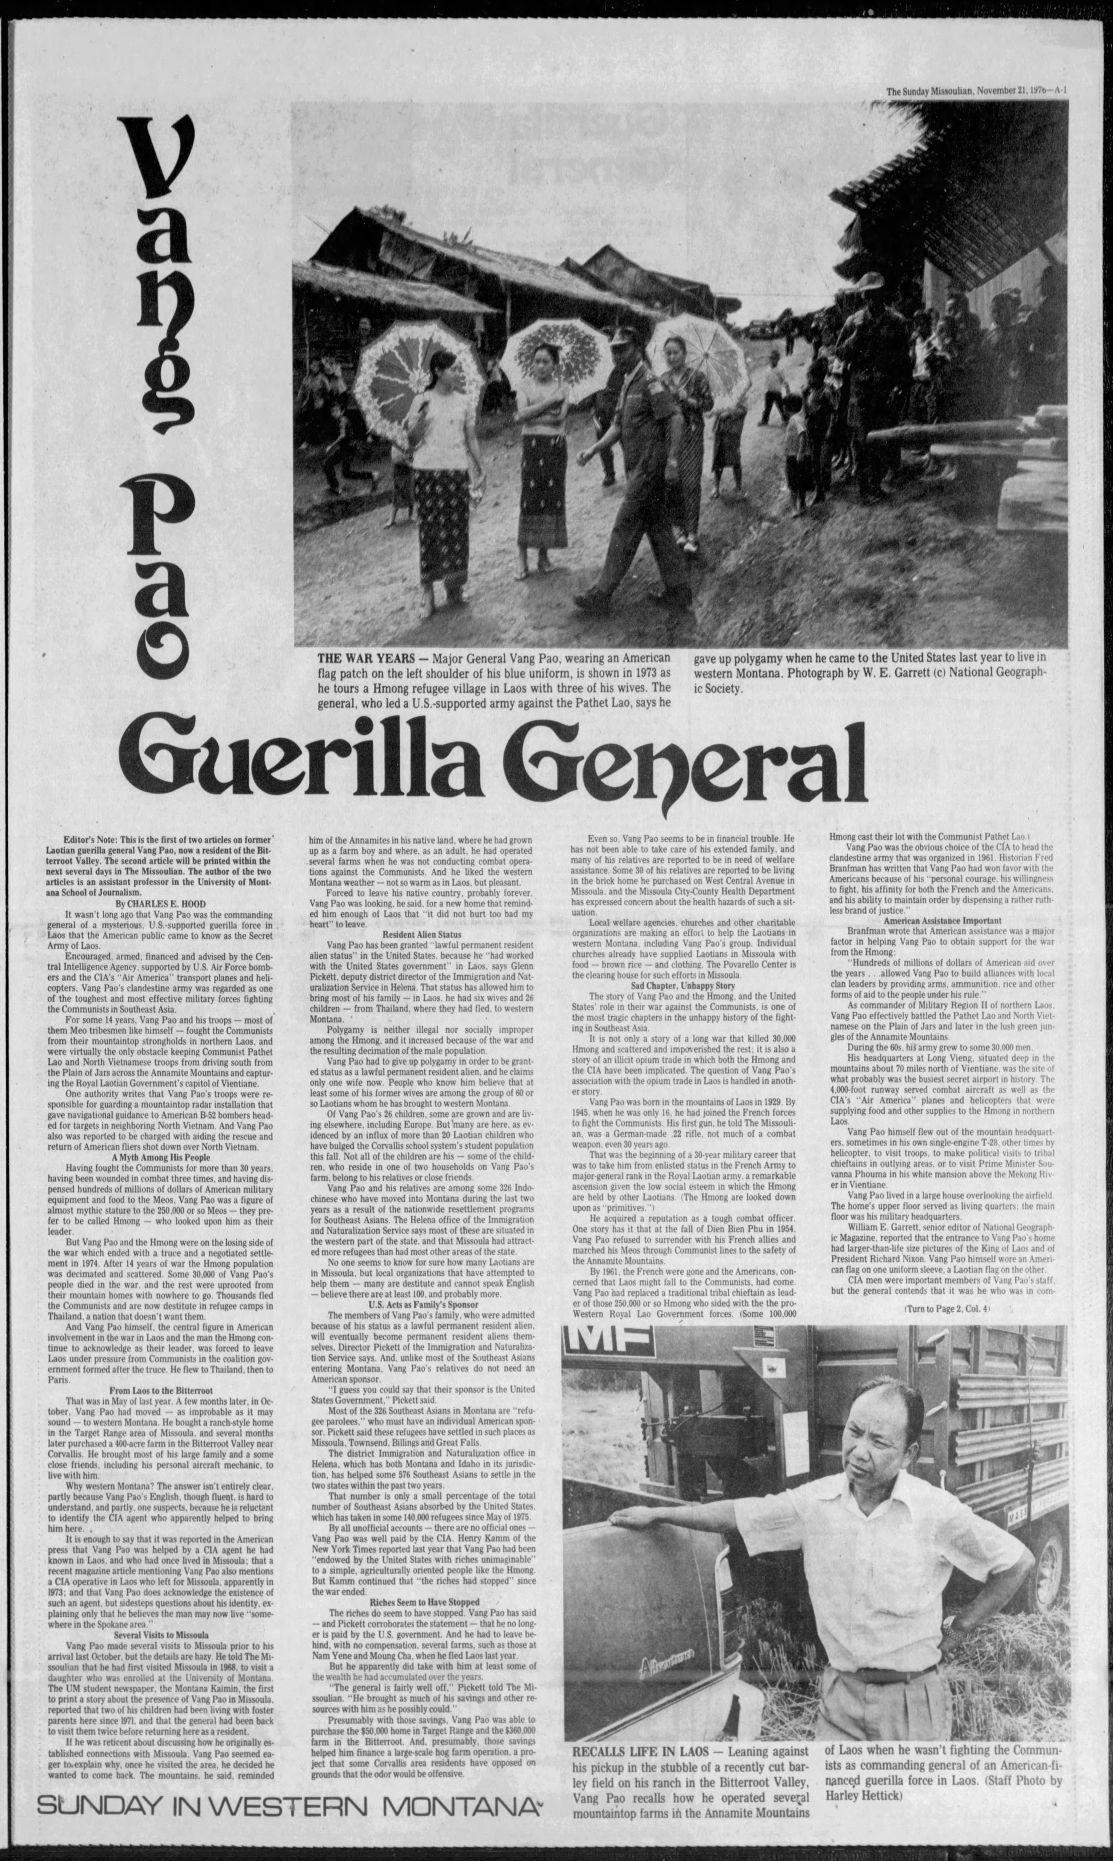 Vang Pao Guerilla General November 1976